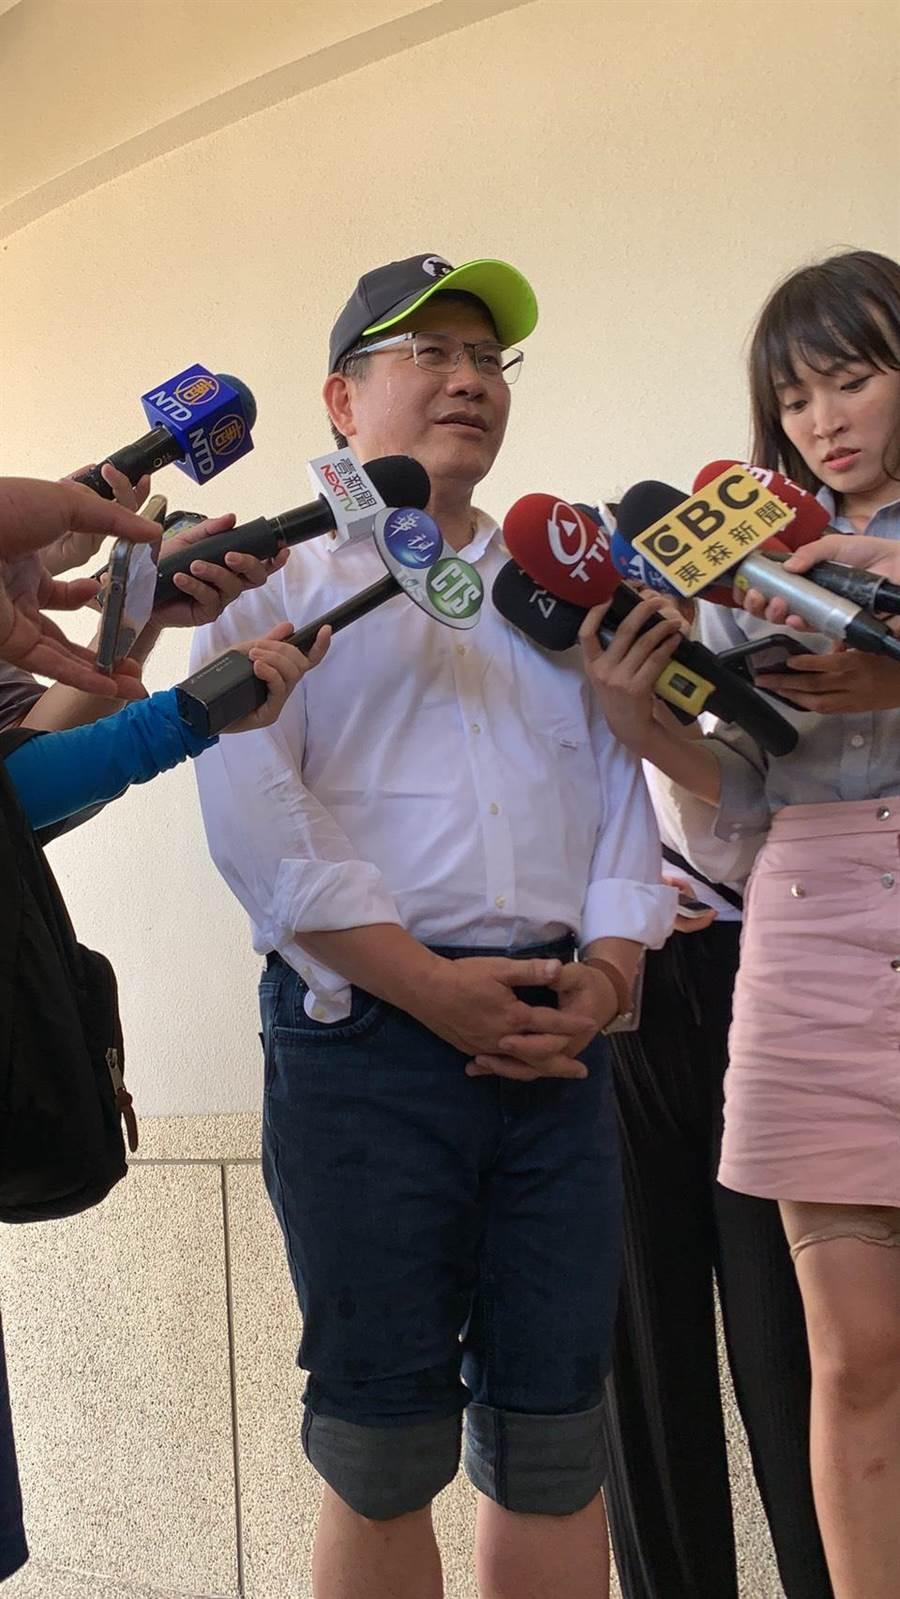 交通部長林佳龍表示,紓困3.0即將上路,會在2周內送交立法院。(張睿廷攝)